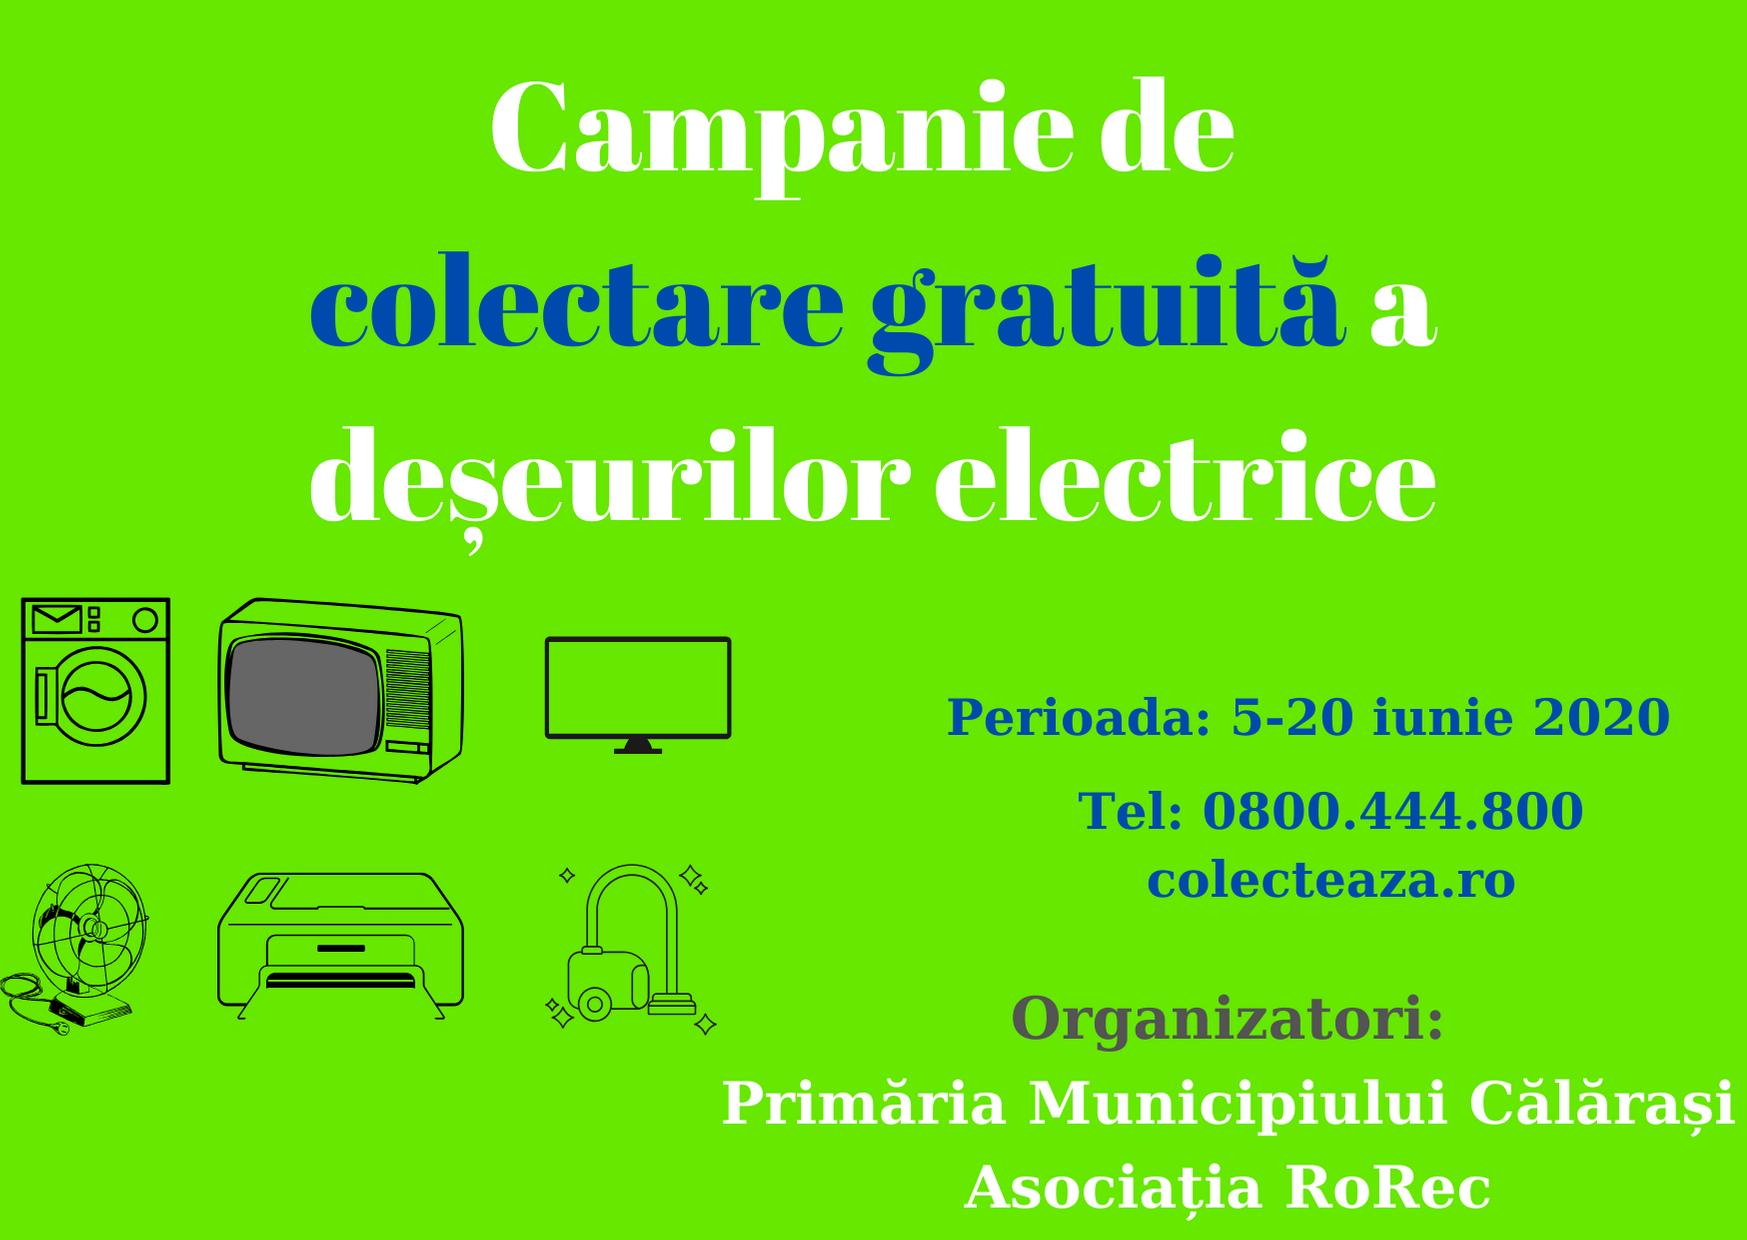 Primăria Călărași organizează o acțiune specială de colectare a deșeurilor electrice